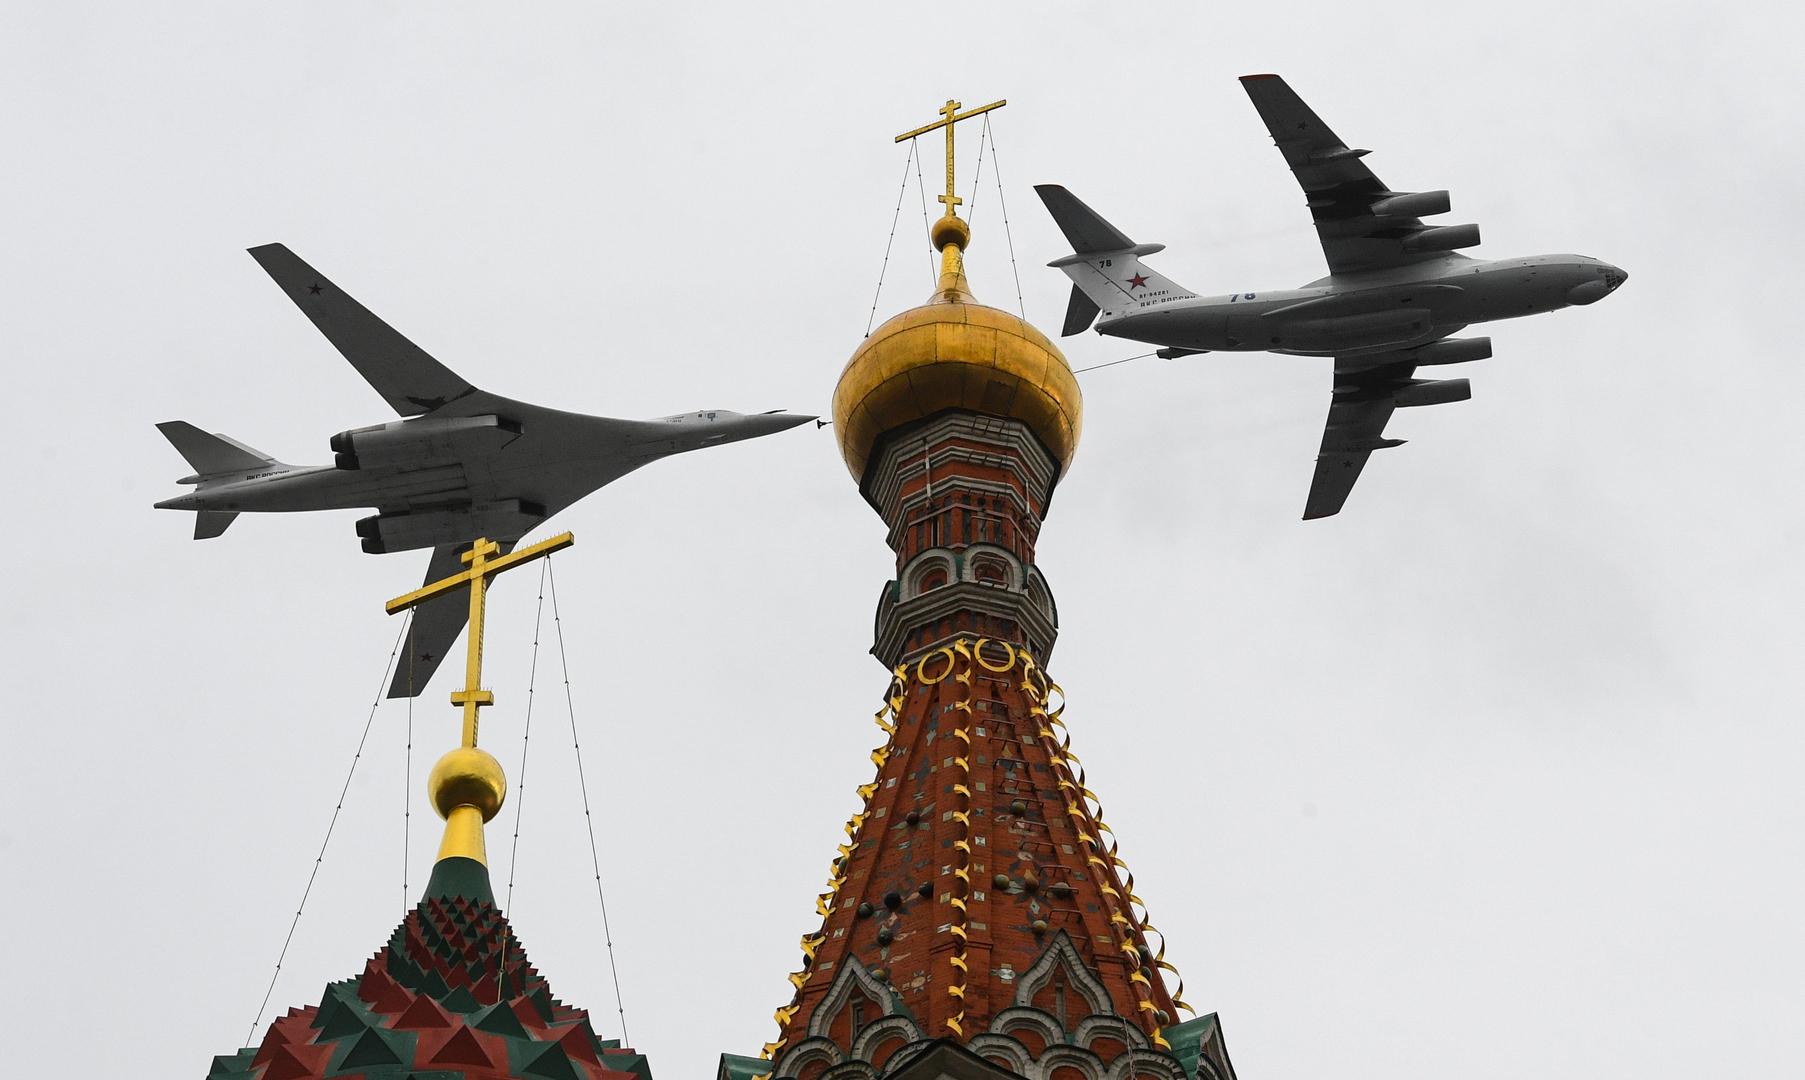 Ein Il-78-Tankflugzeug und ein Tu-160-Überschallbomber bei der Flugschau in Moskau